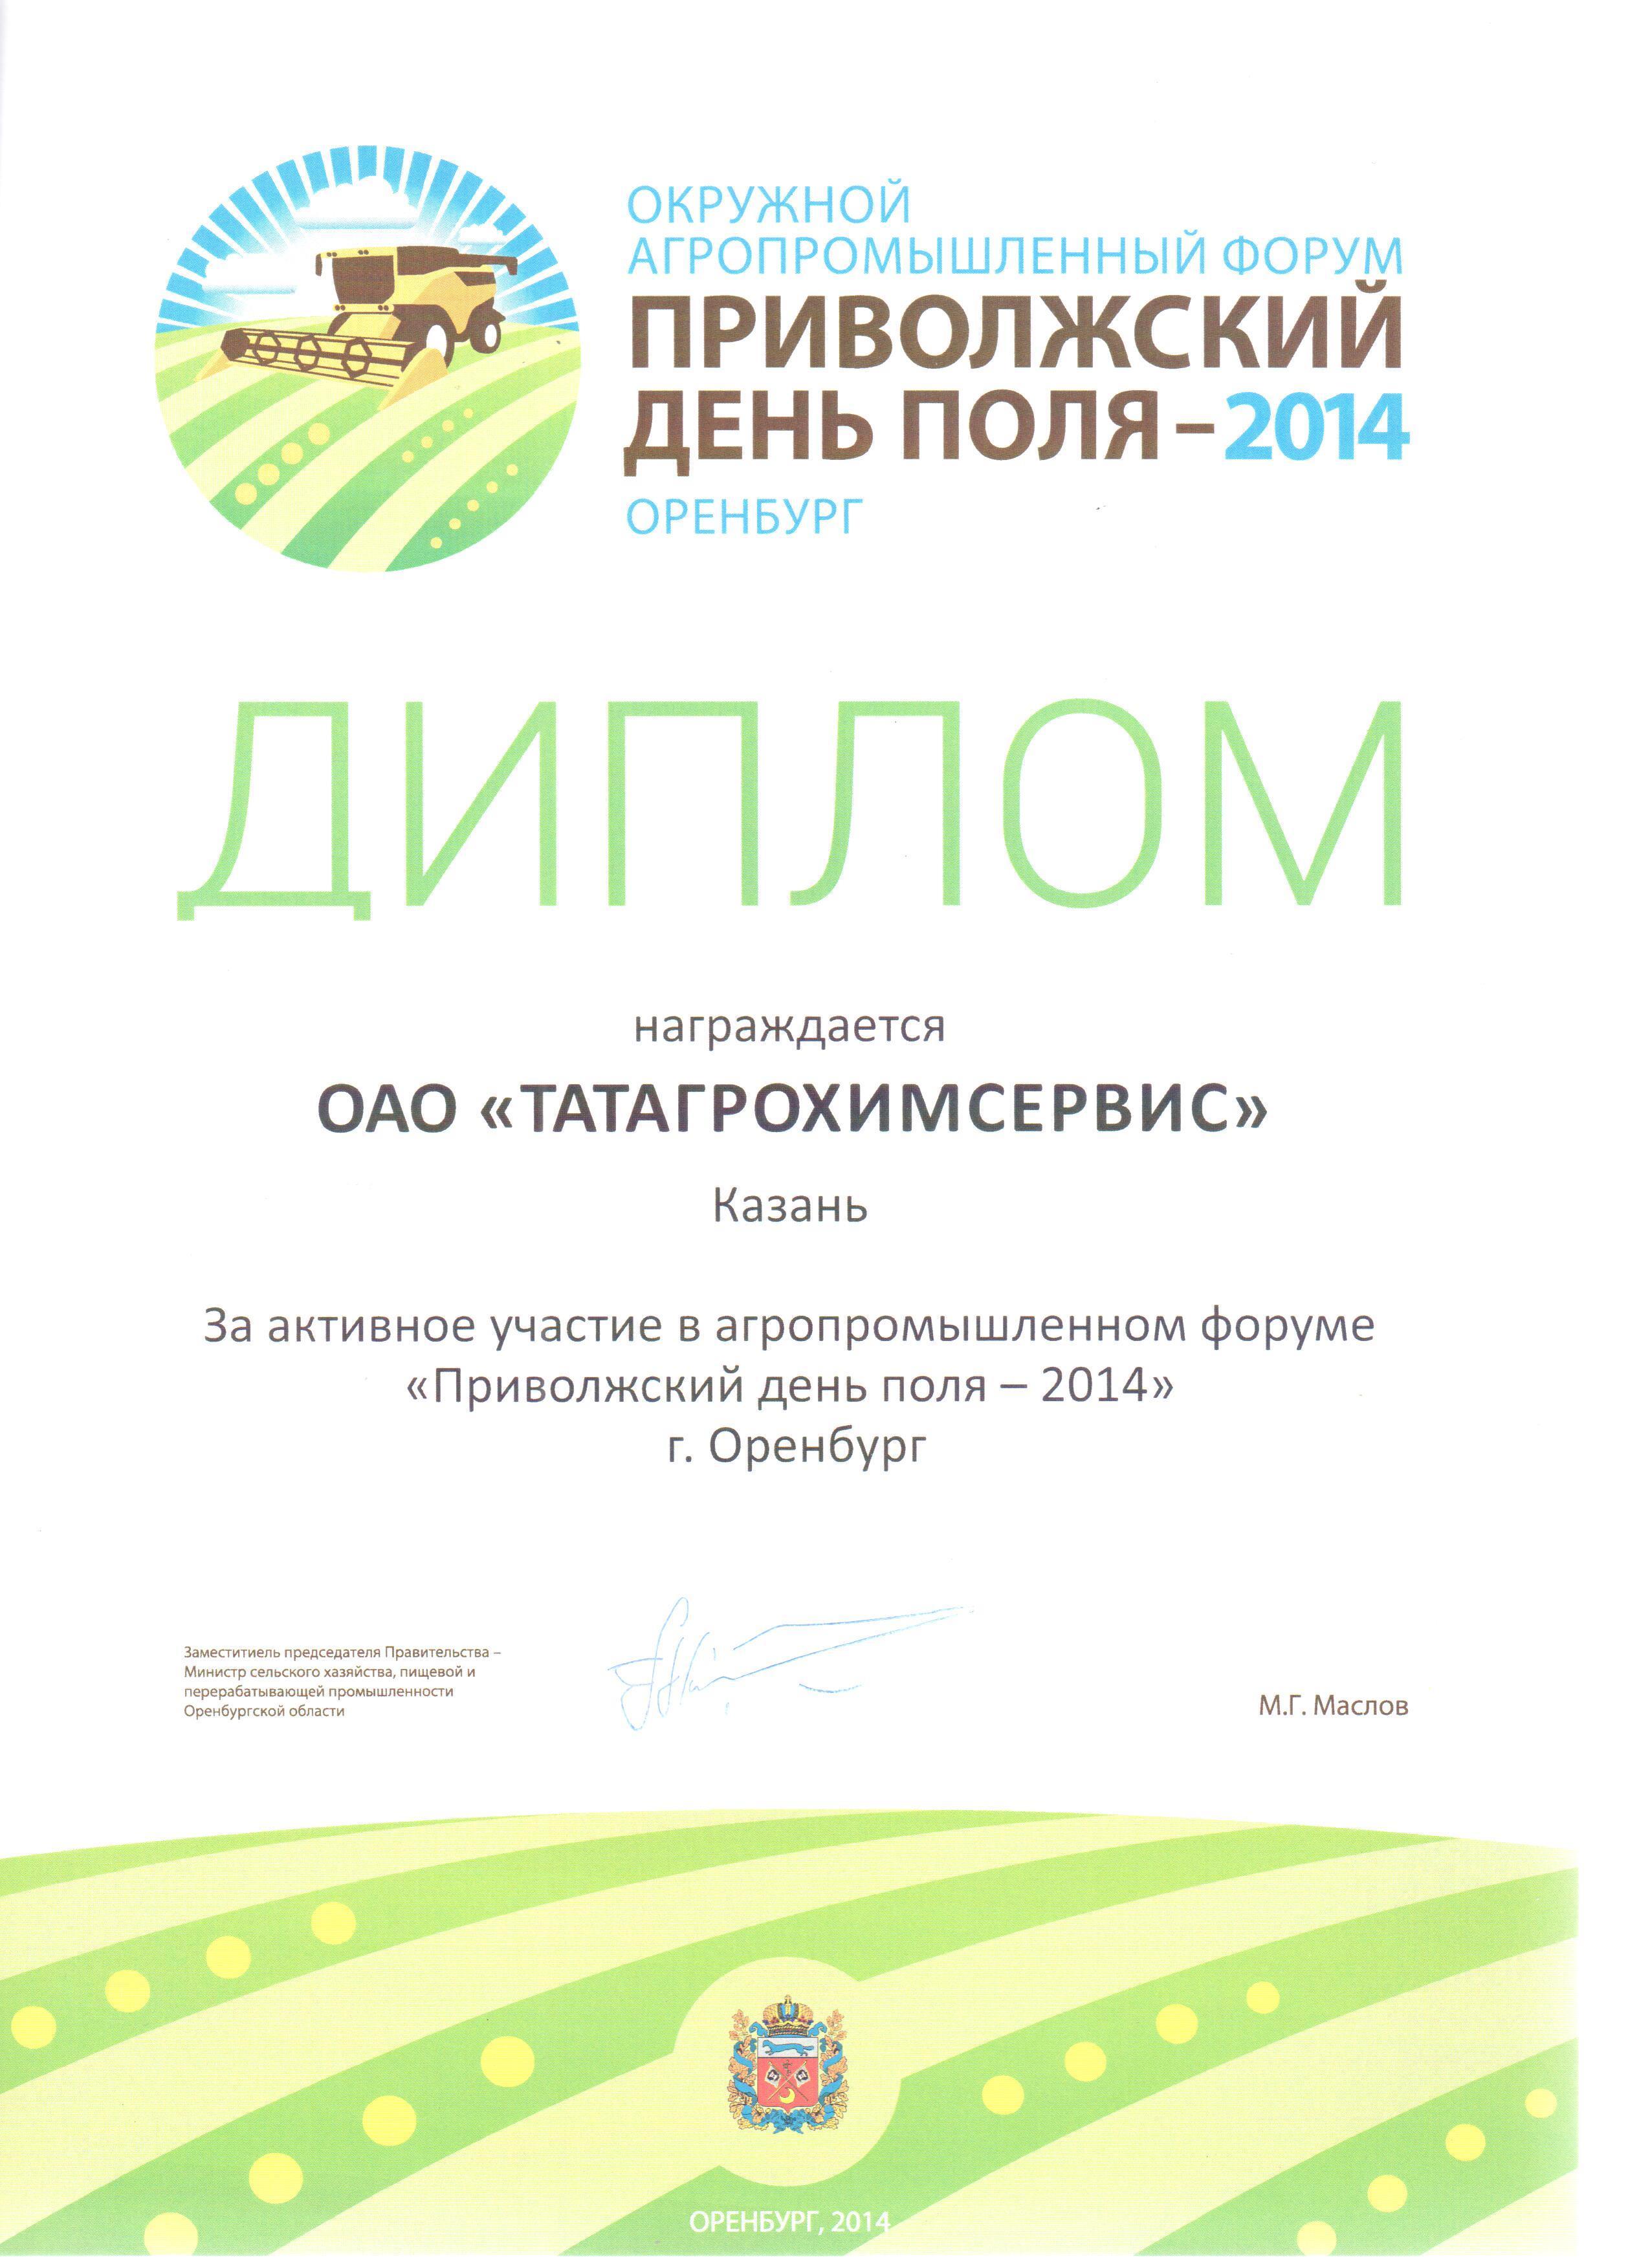 Дипломы и награды ОАО Татагрохимсервис  Диплом за участие в агропромышленном форуме Приволжский День поля 2014 г Оренбург